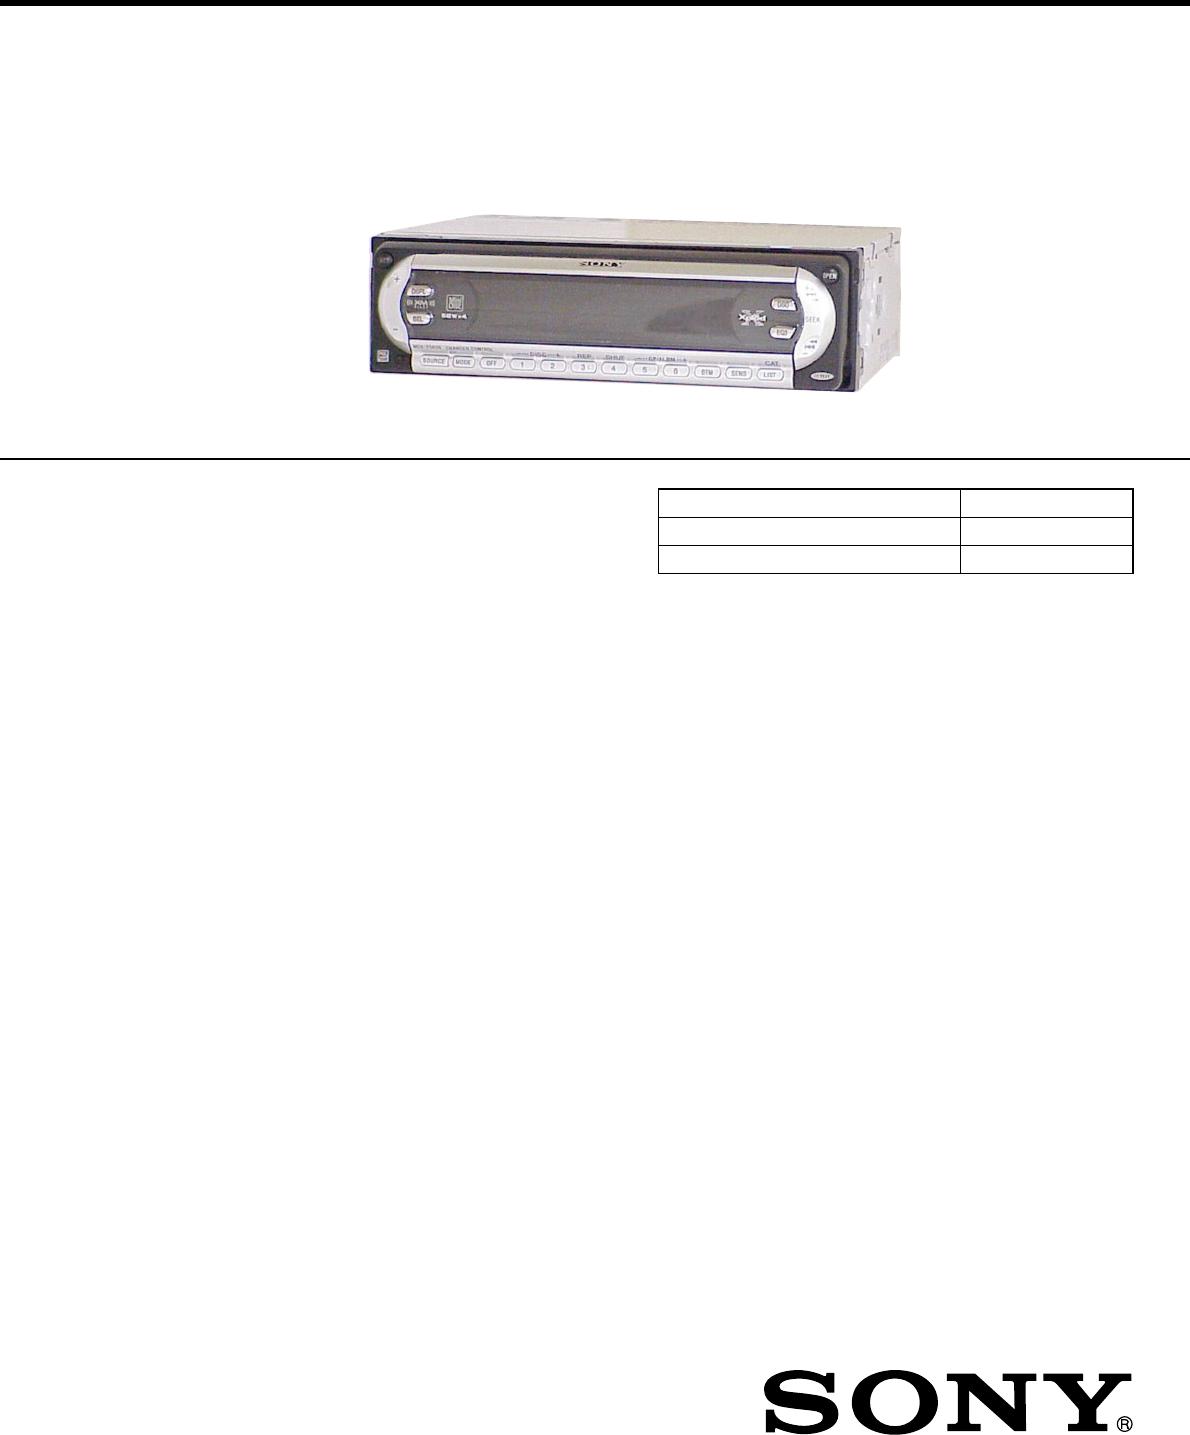 MDX F5800 Sm